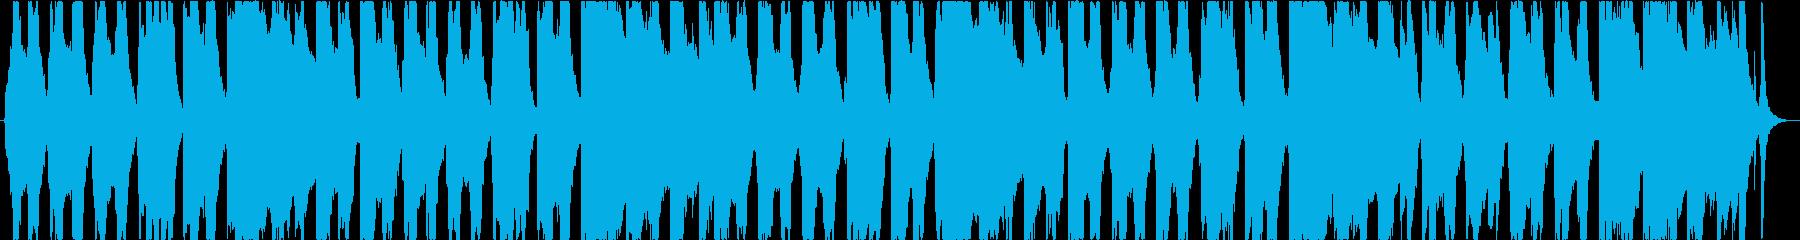 爽やかウクレレポップスの再生済みの波形